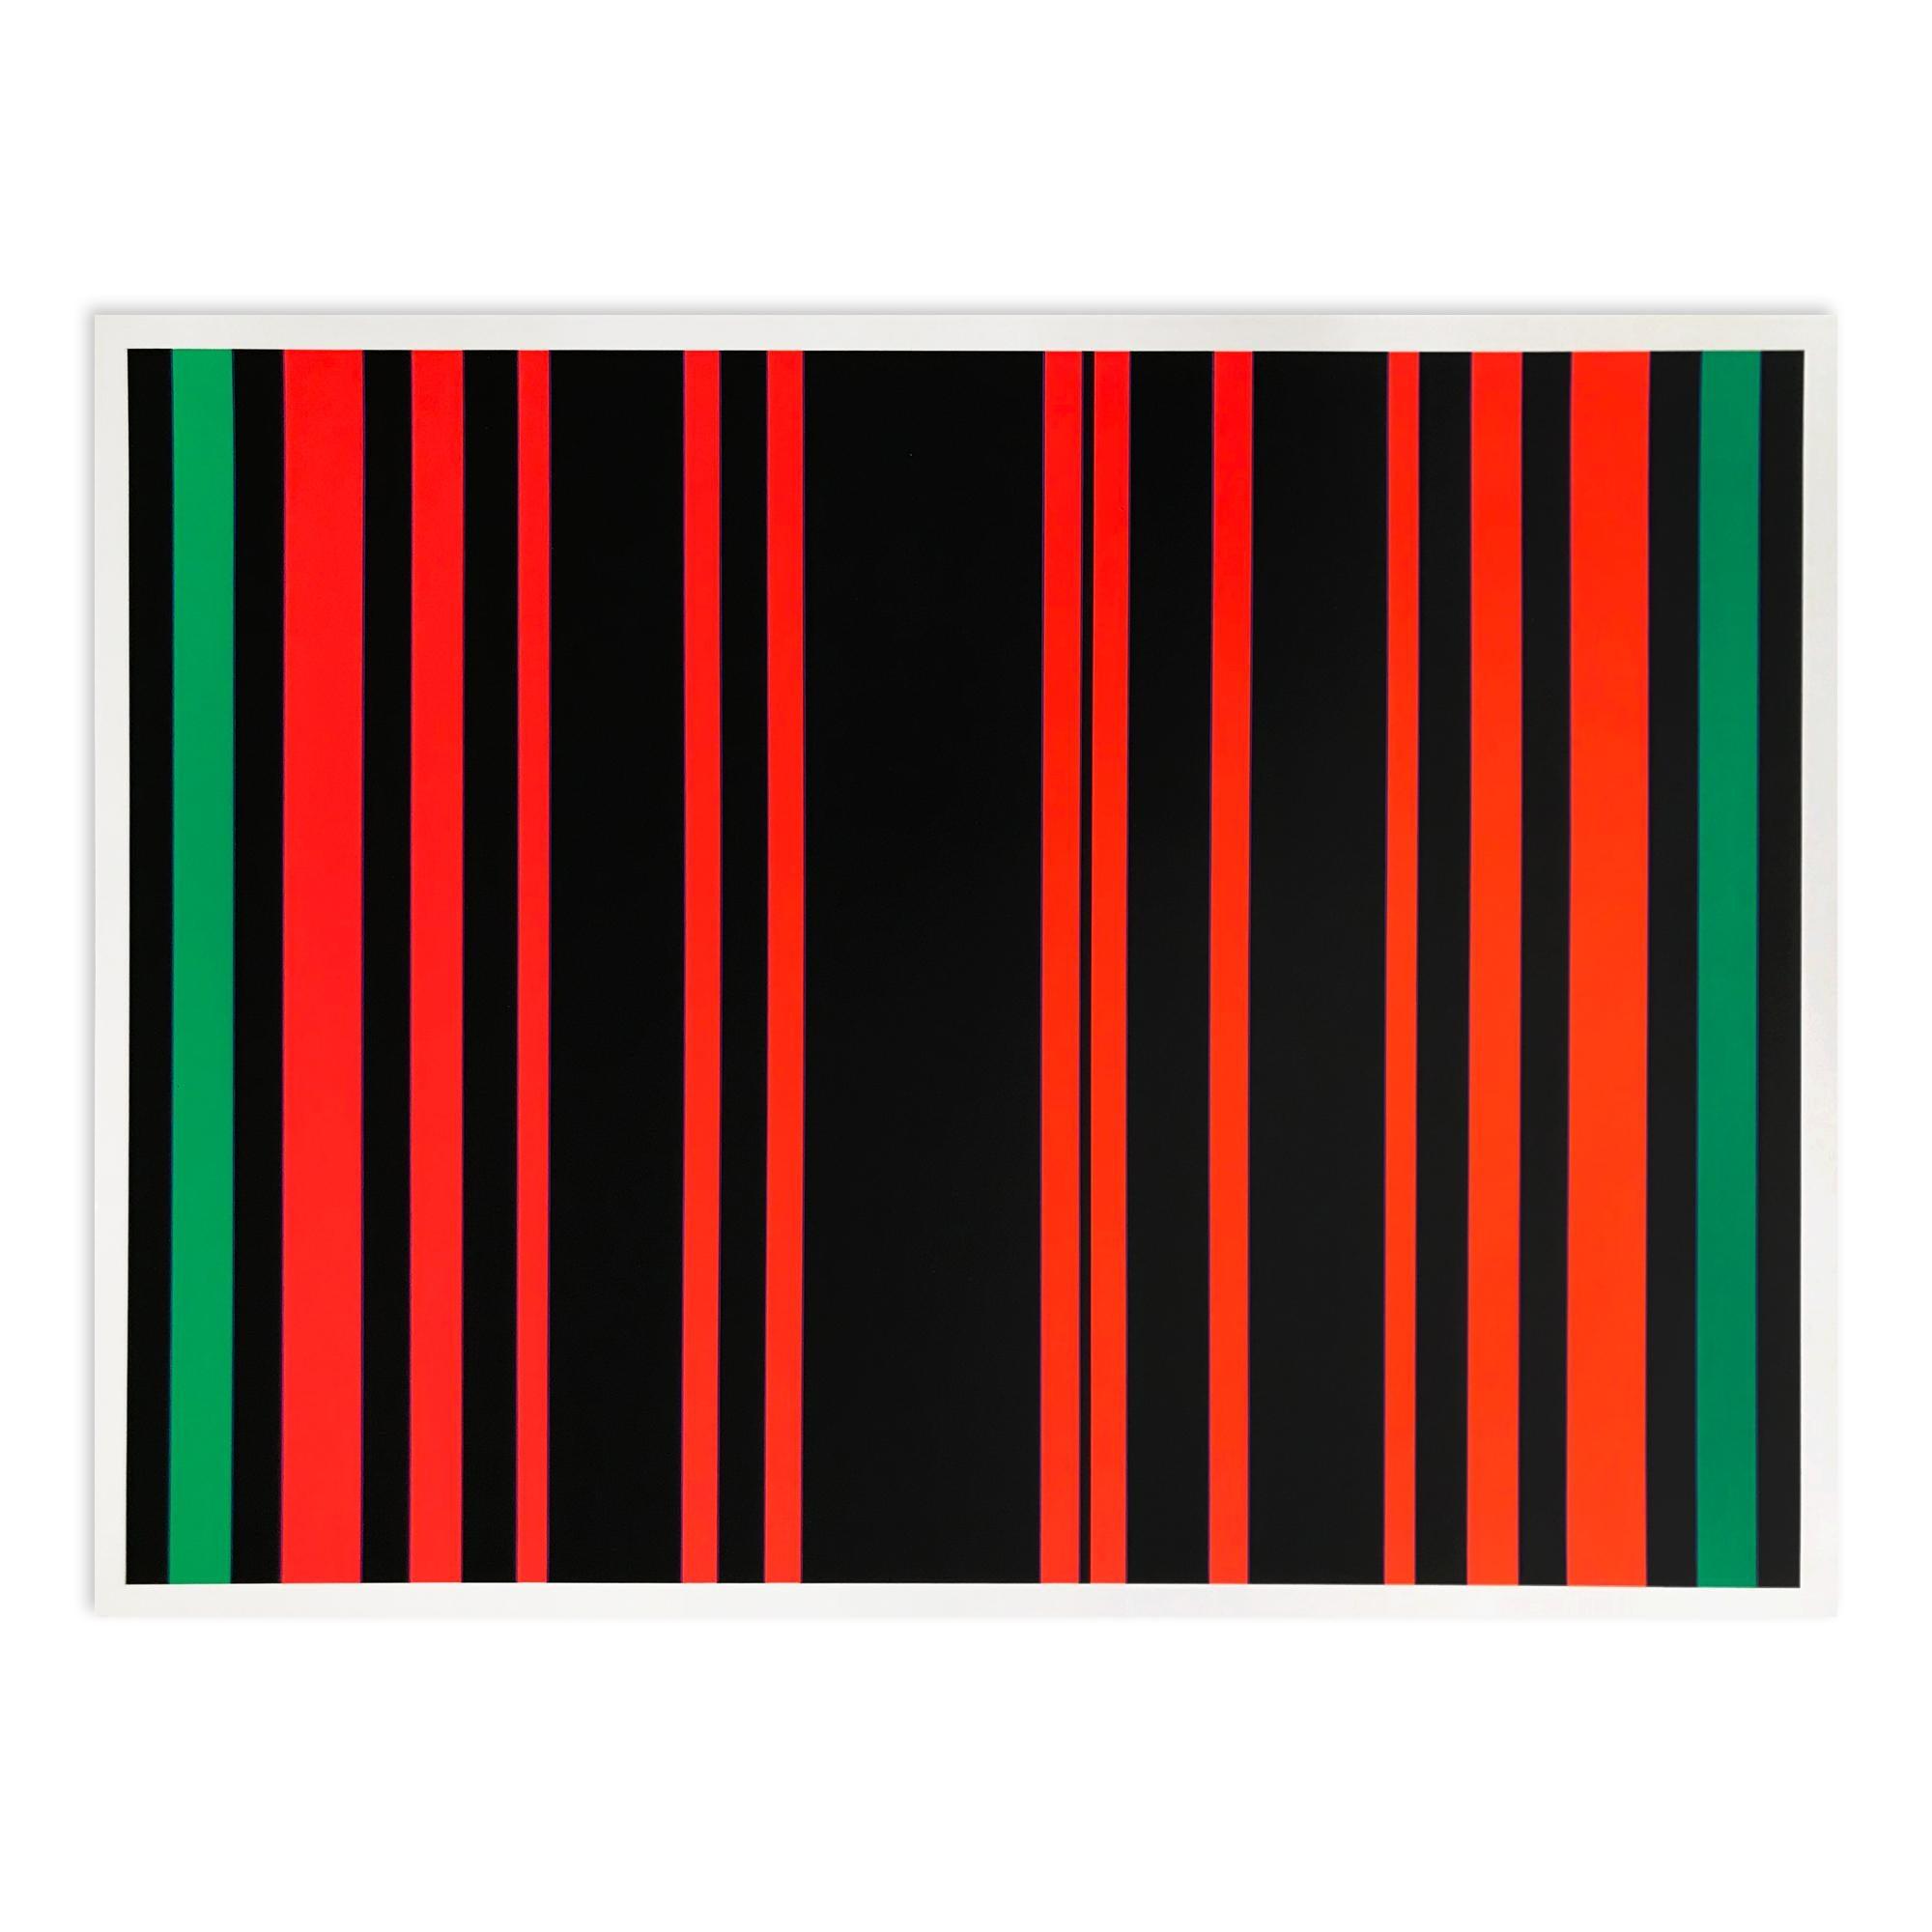 Between Green (Zwischen Grün), Screenprint, Geometric Abstract Art, 20th Century